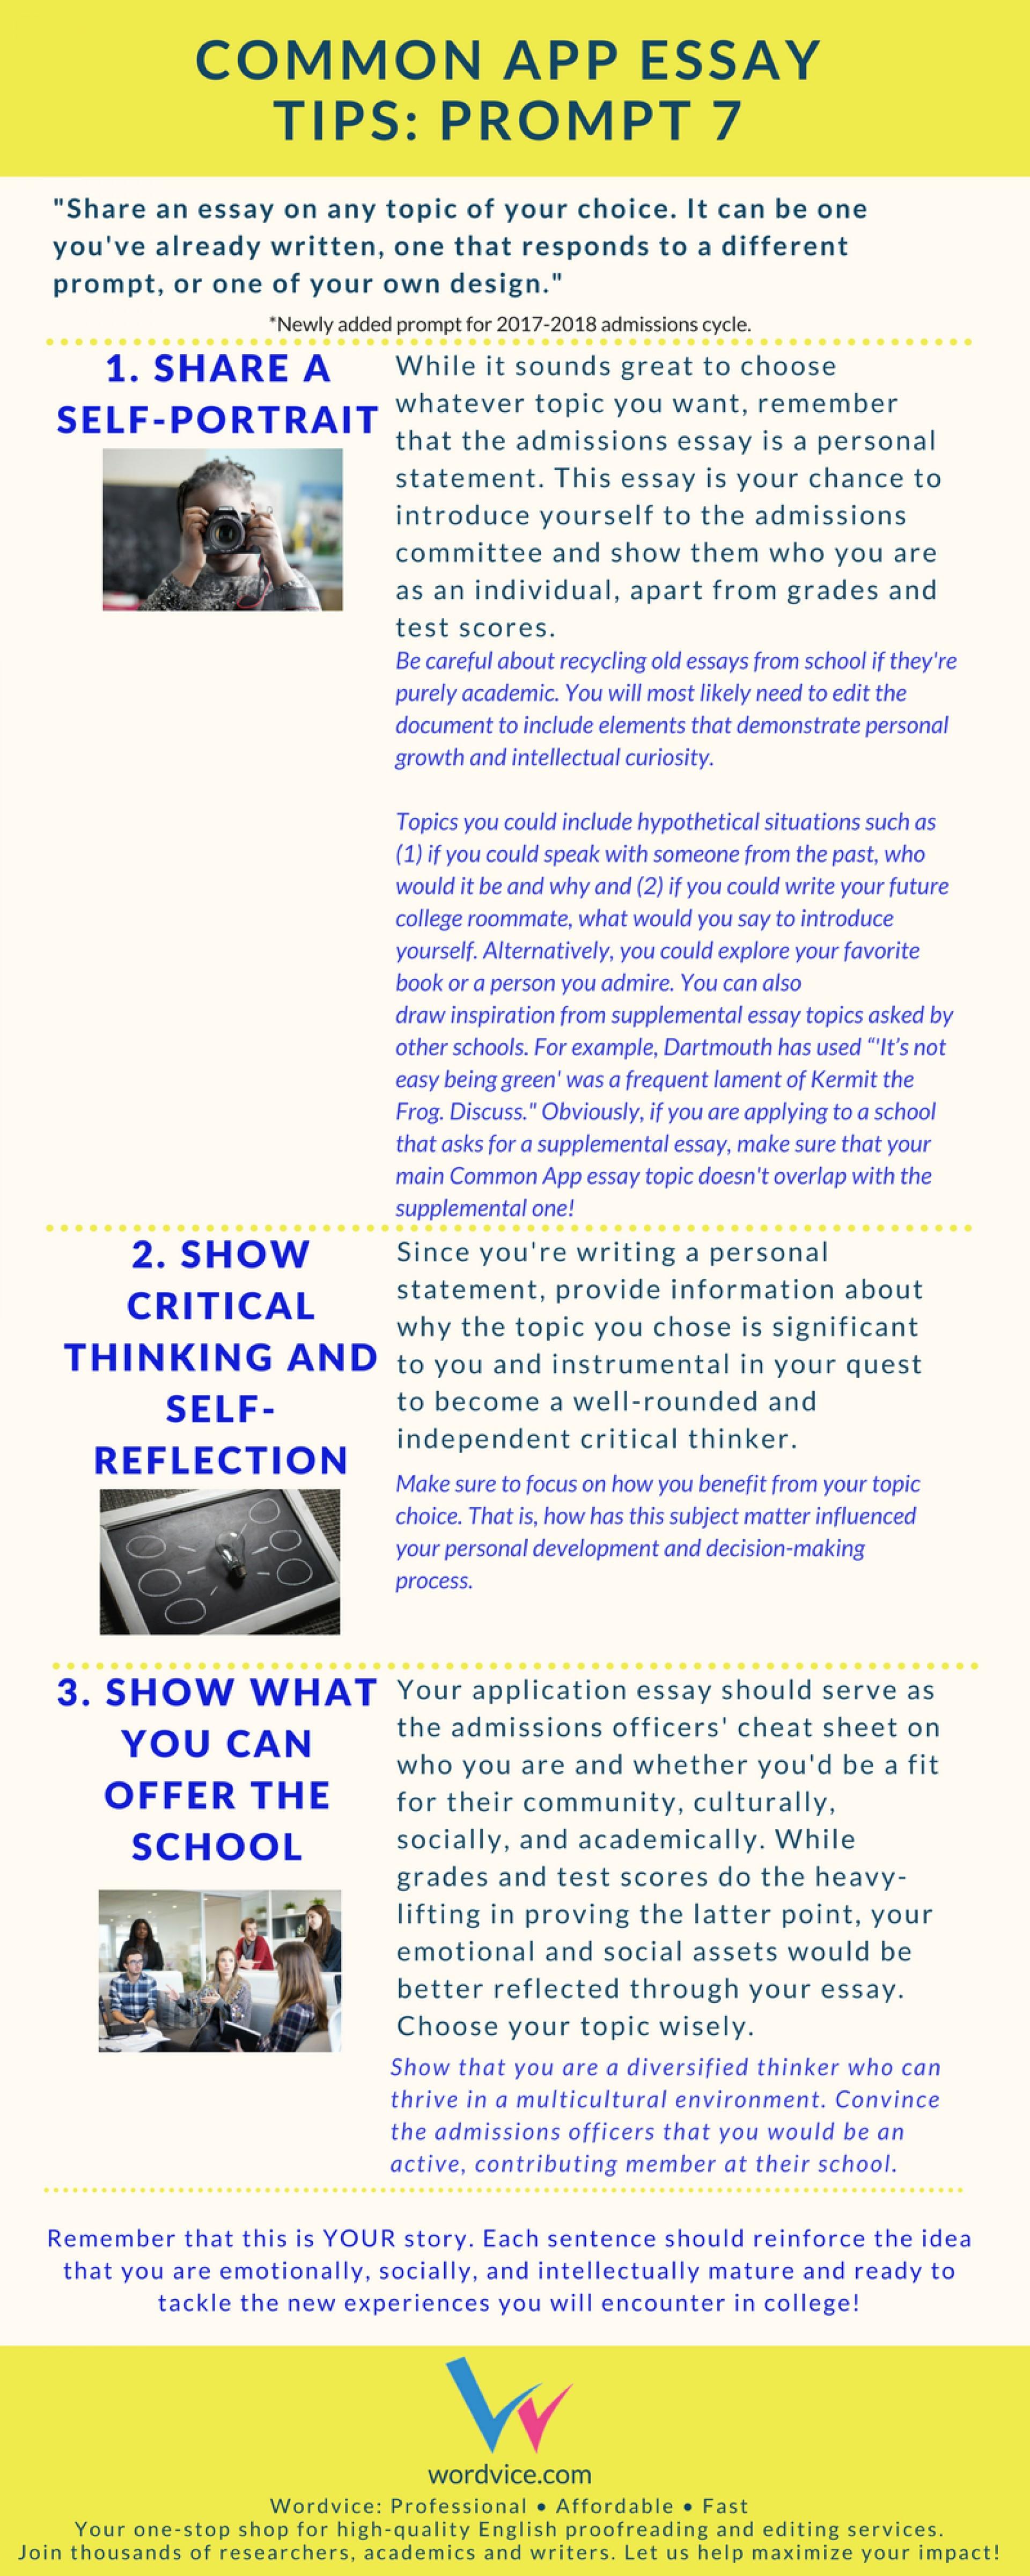 008 Common App Brainstormprompt Essay Example Unusual Prompt 1 Examples 3 4 1920